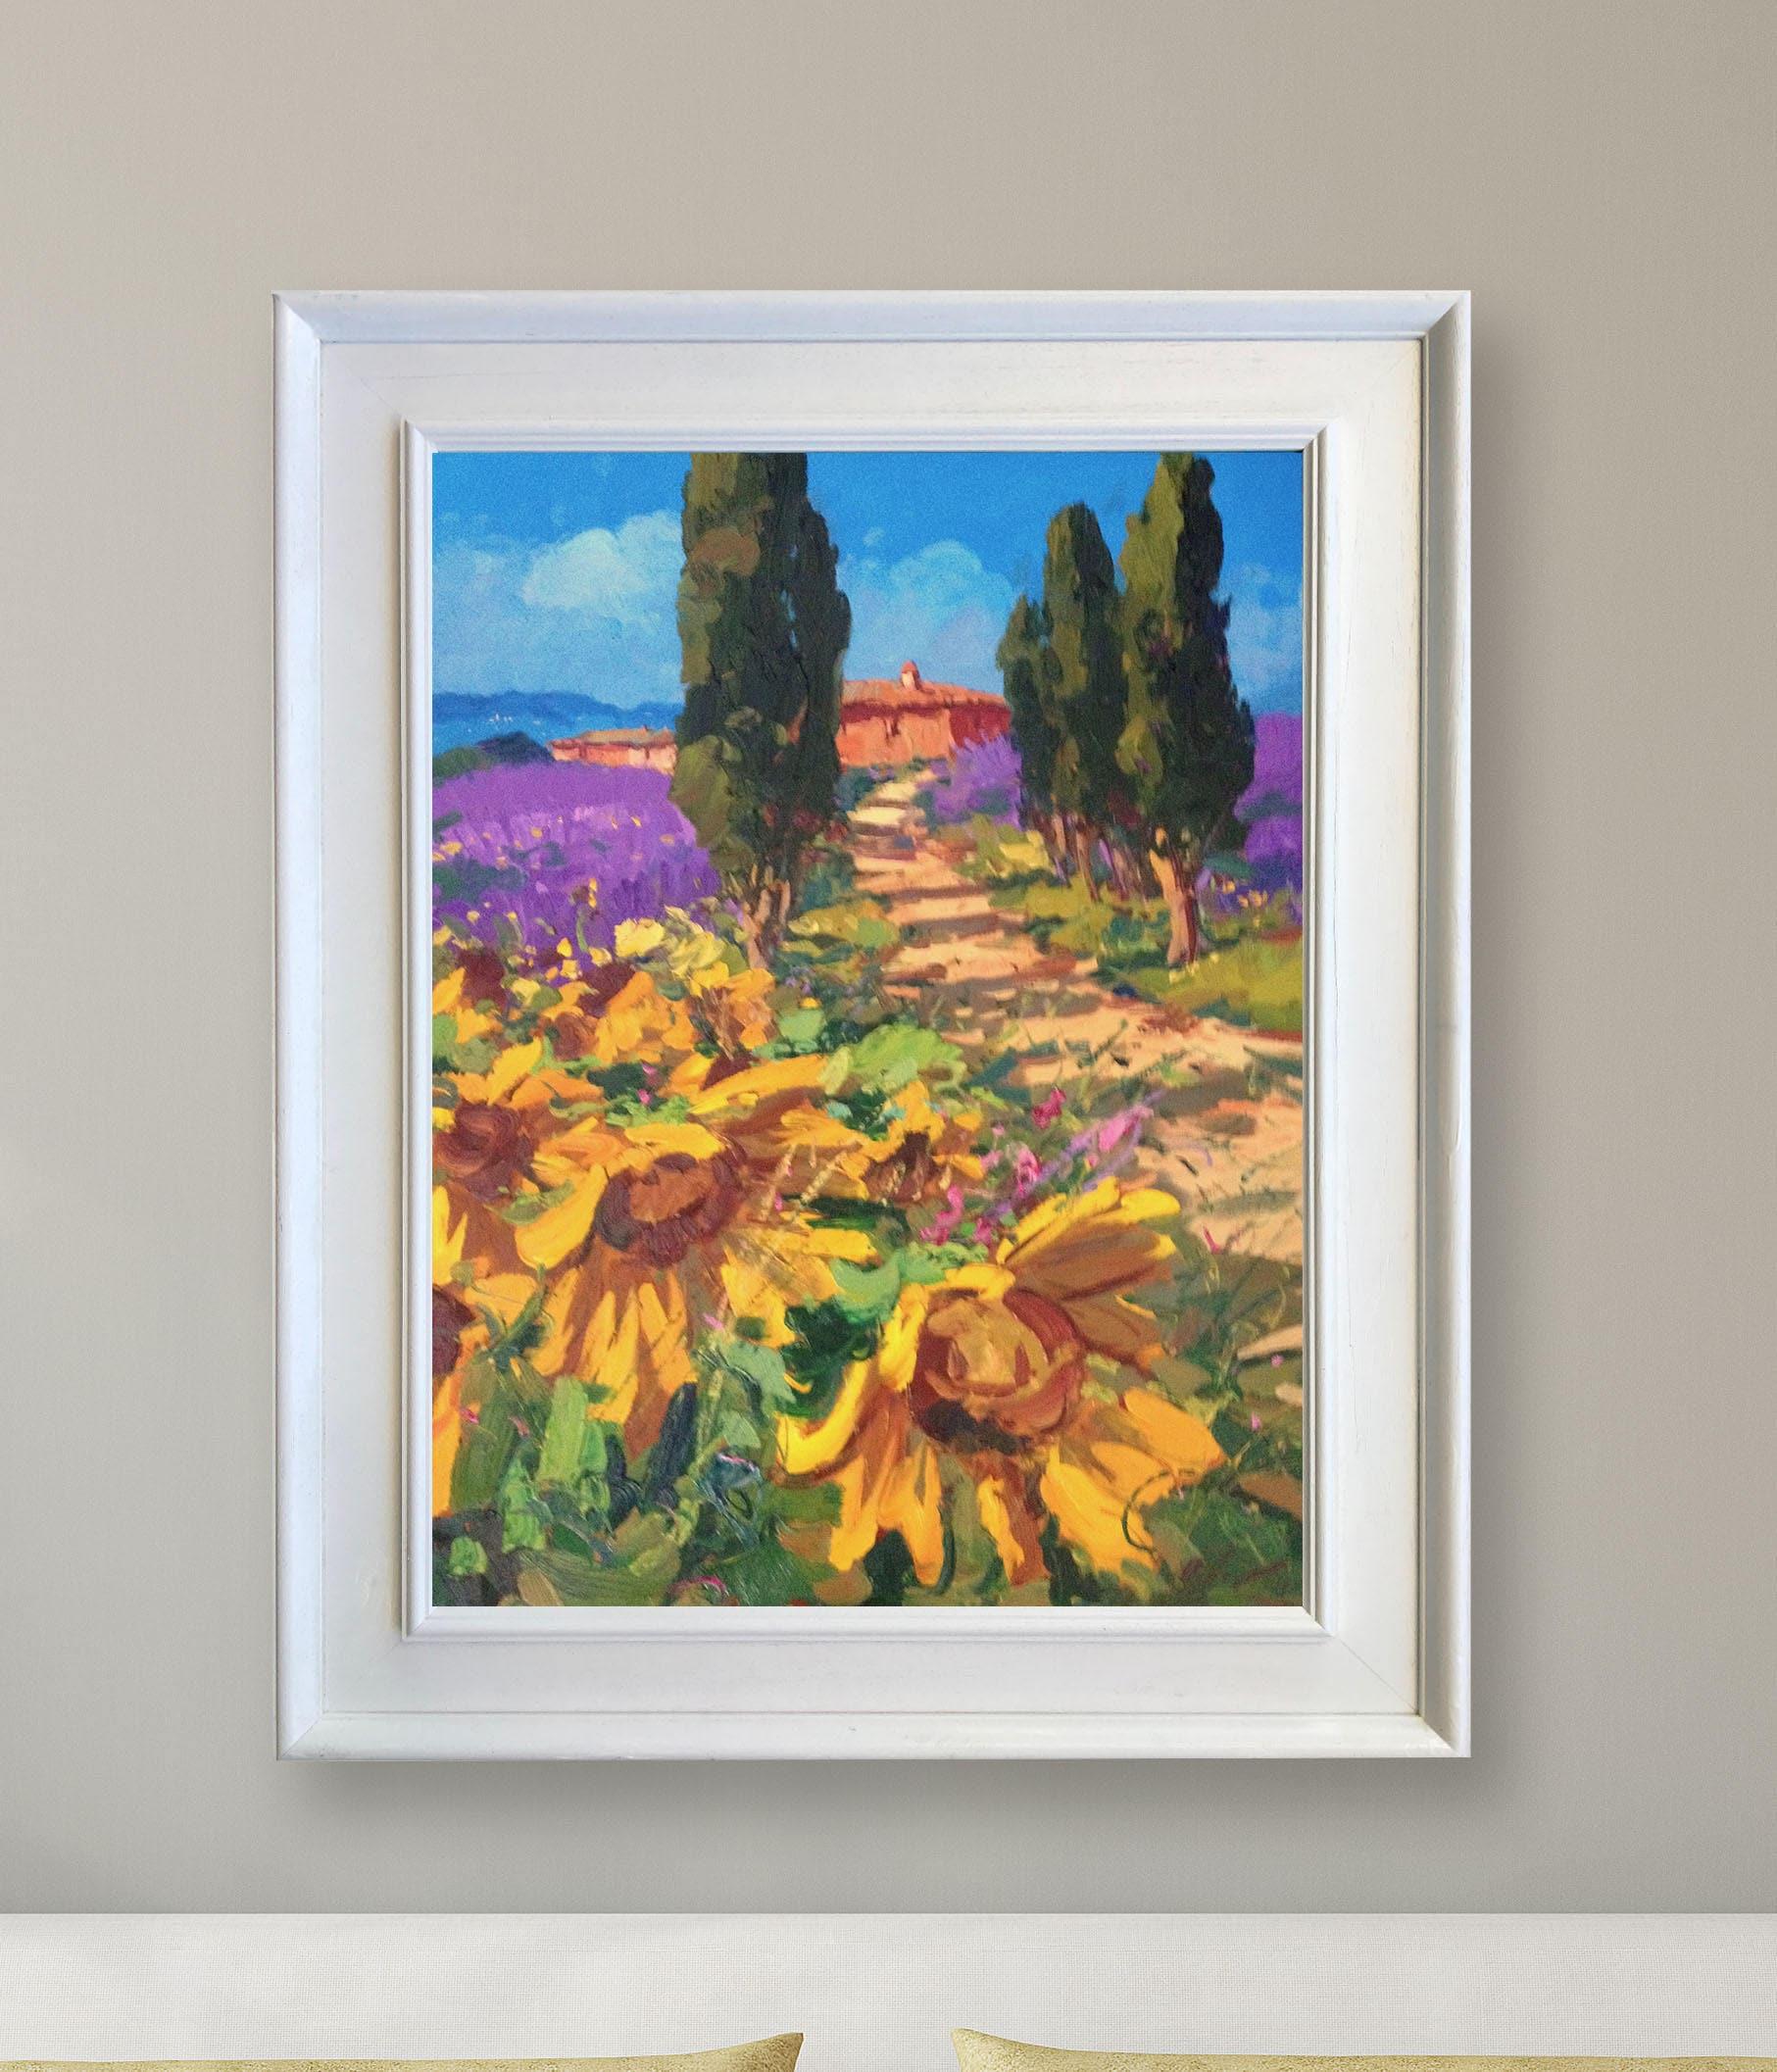 Italien Malerei Sonnenblumen Gemälde Tuscany Malerei Land